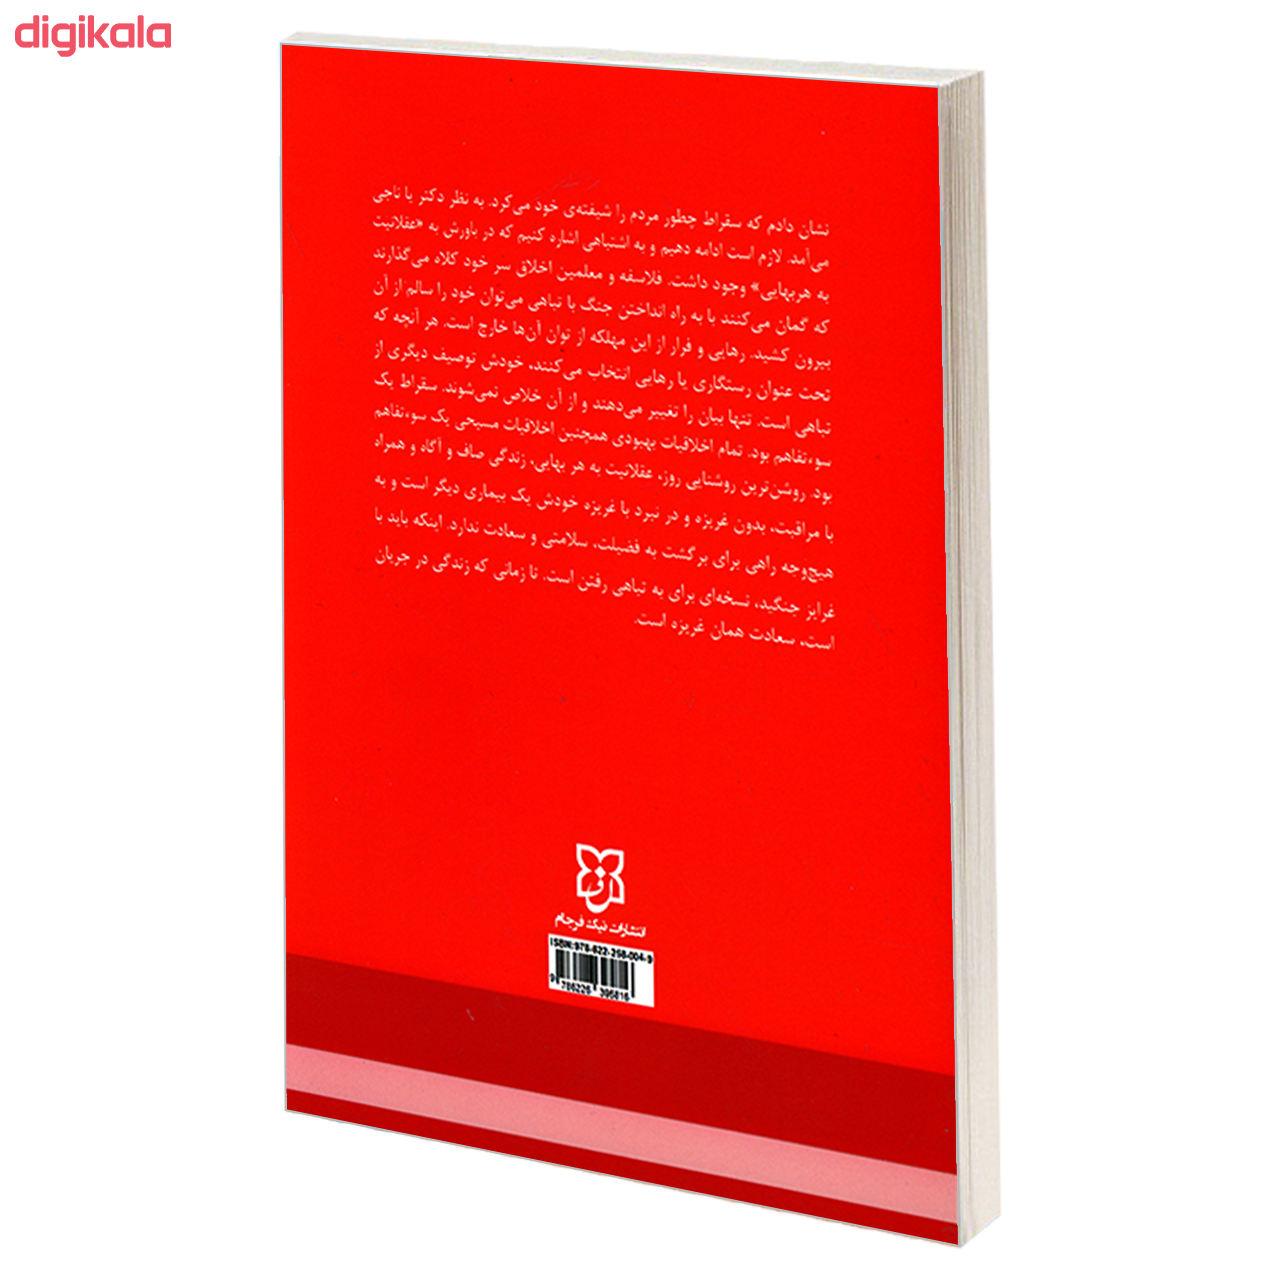 کتاب غروب بت ها اثر فردریش نیچه انتشارات نیک فرجام main 1 1